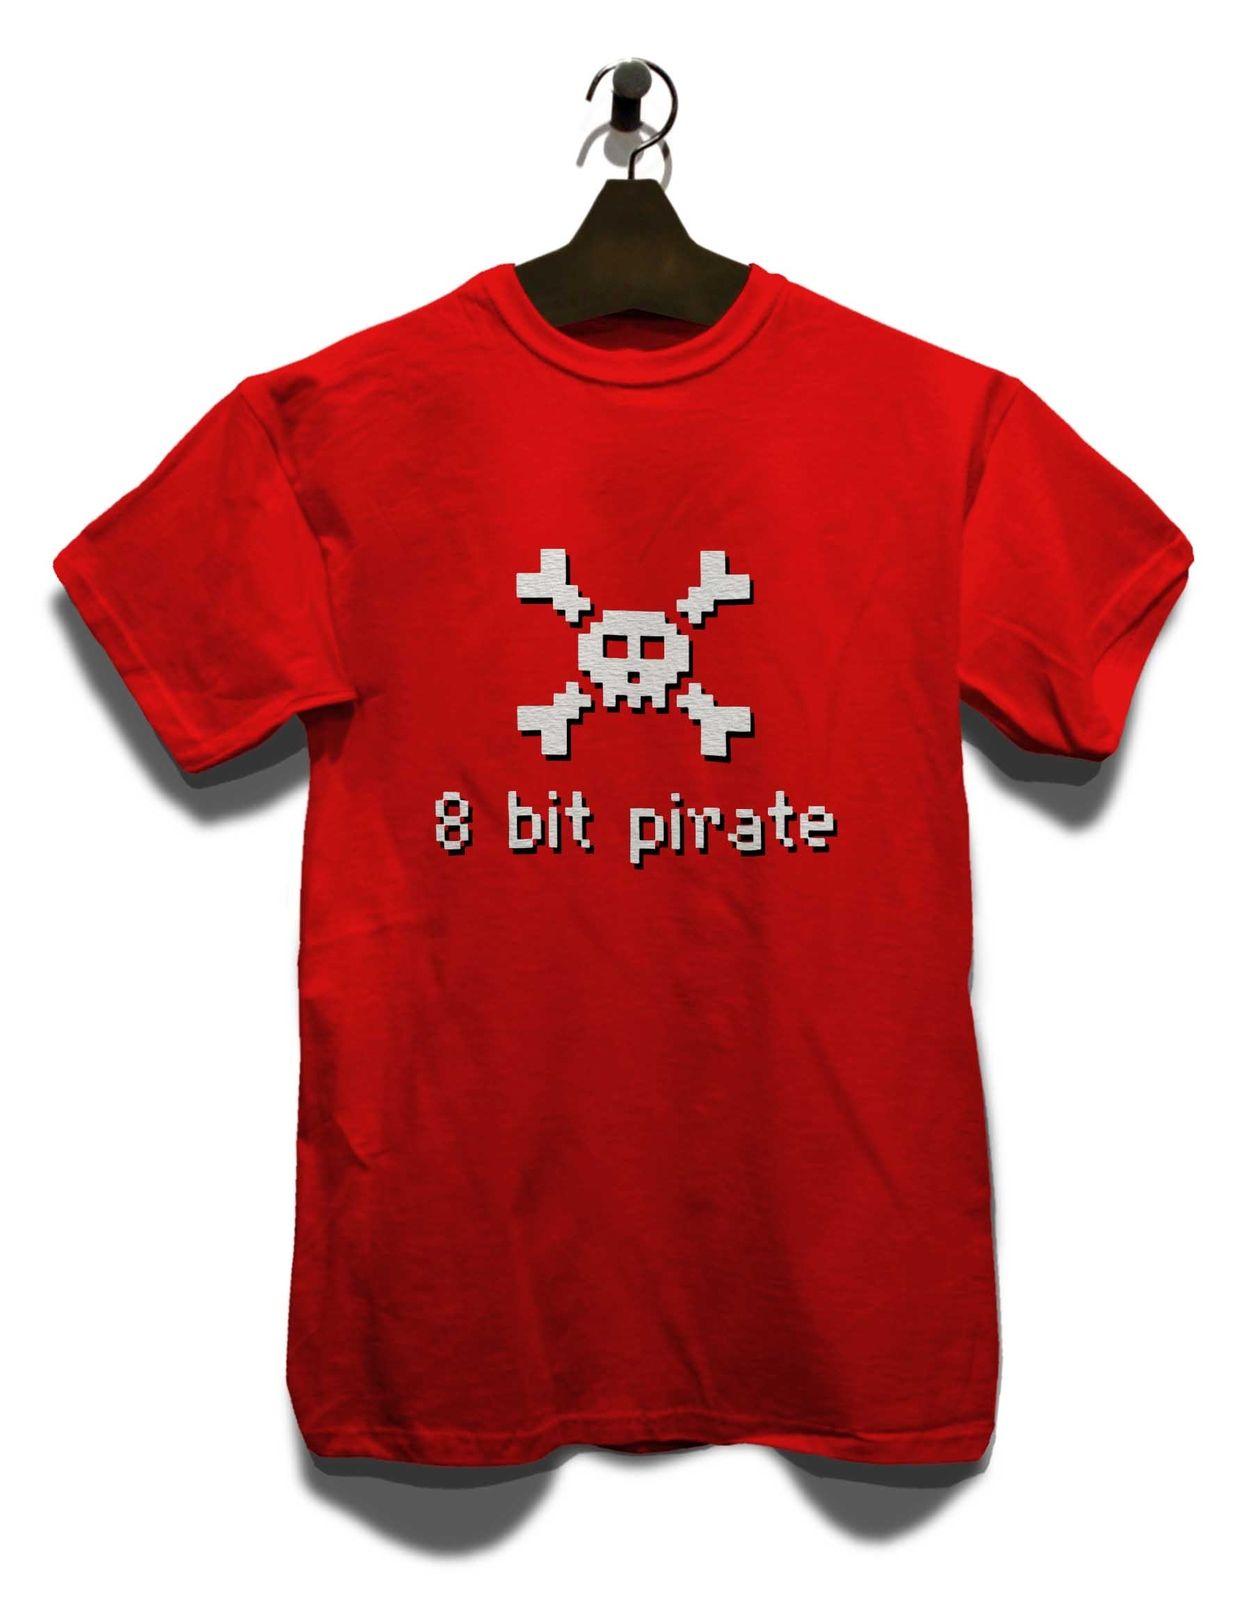 8 бит Пиратская футболка 8 бит Аркада Commodore Ретро C64 Amiga Oldschool 80er